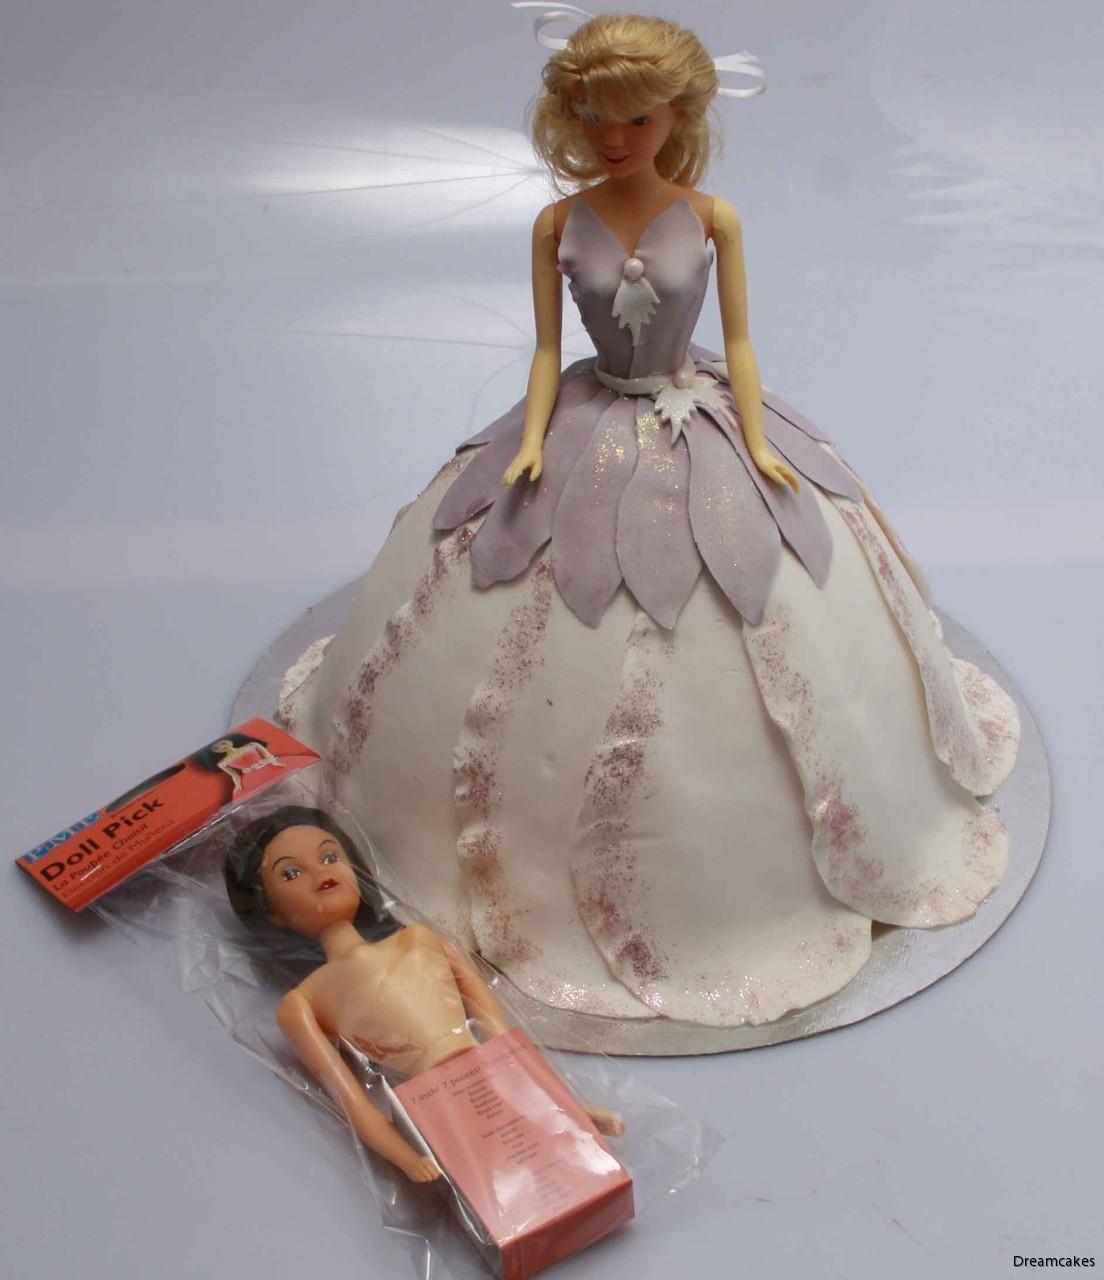 docköverdel till tårta, barbietårta, tårta med kjol, docktårta